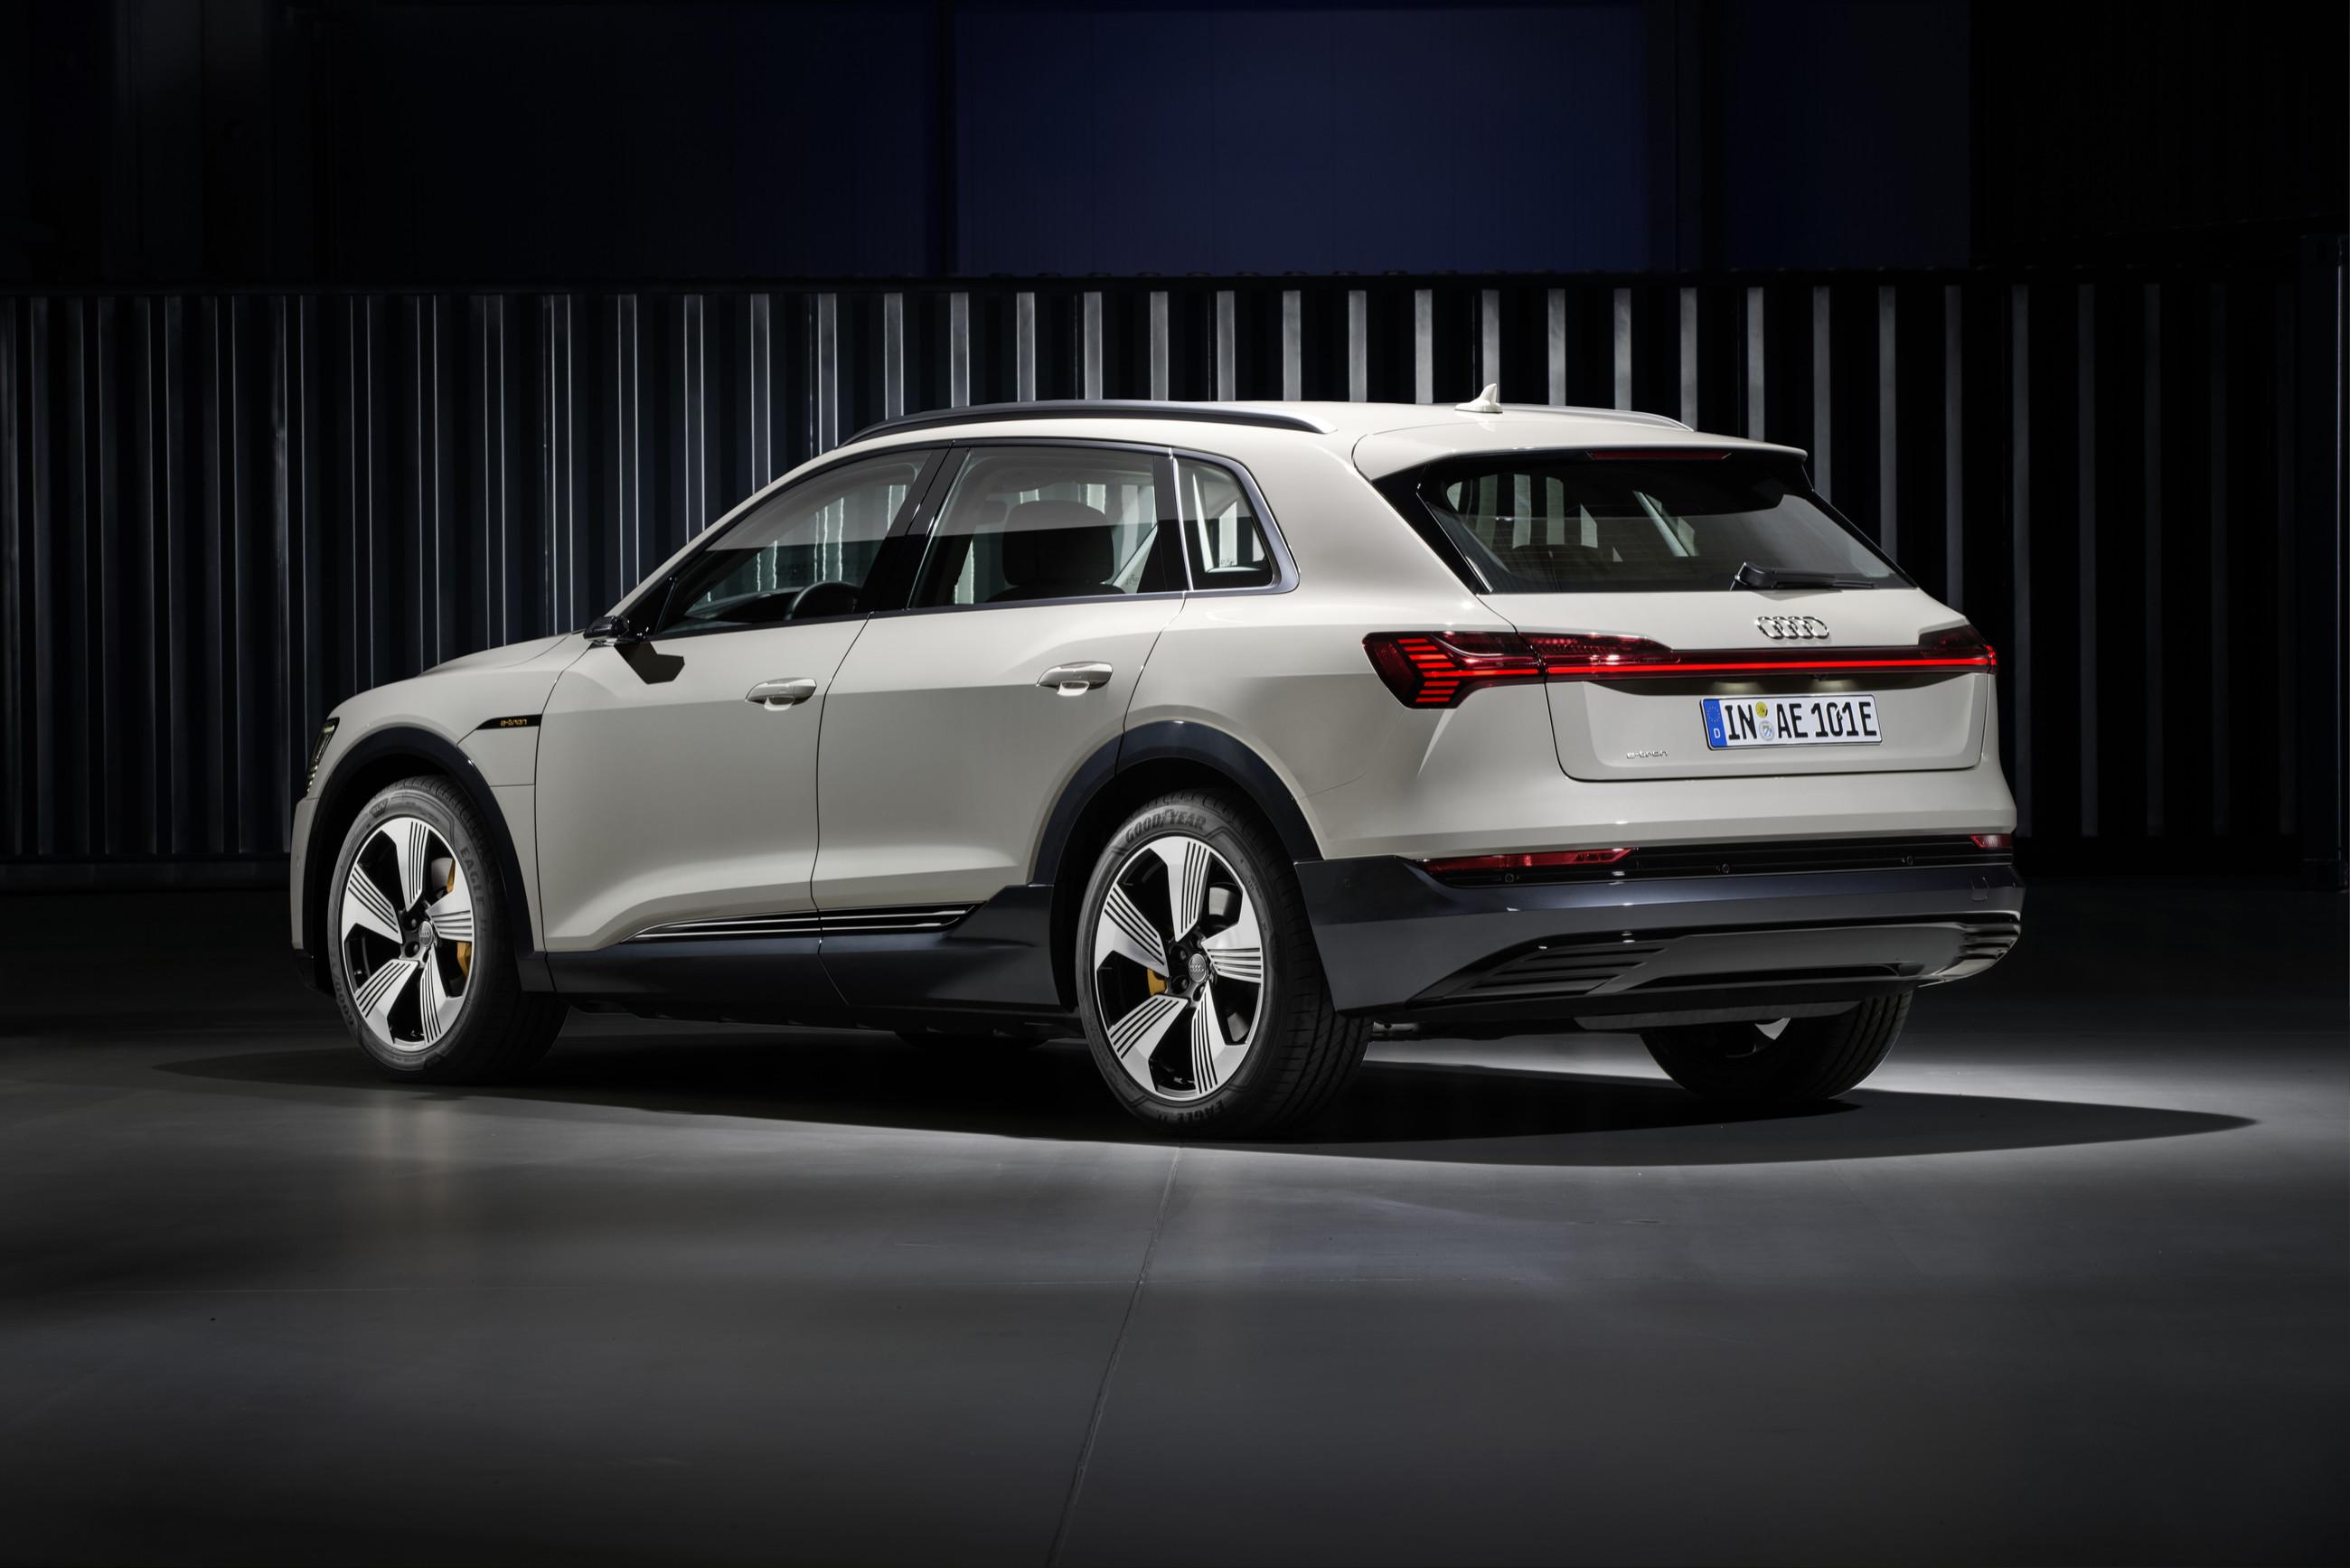 Audi полностью рассекретила кроссовер e-tron 2